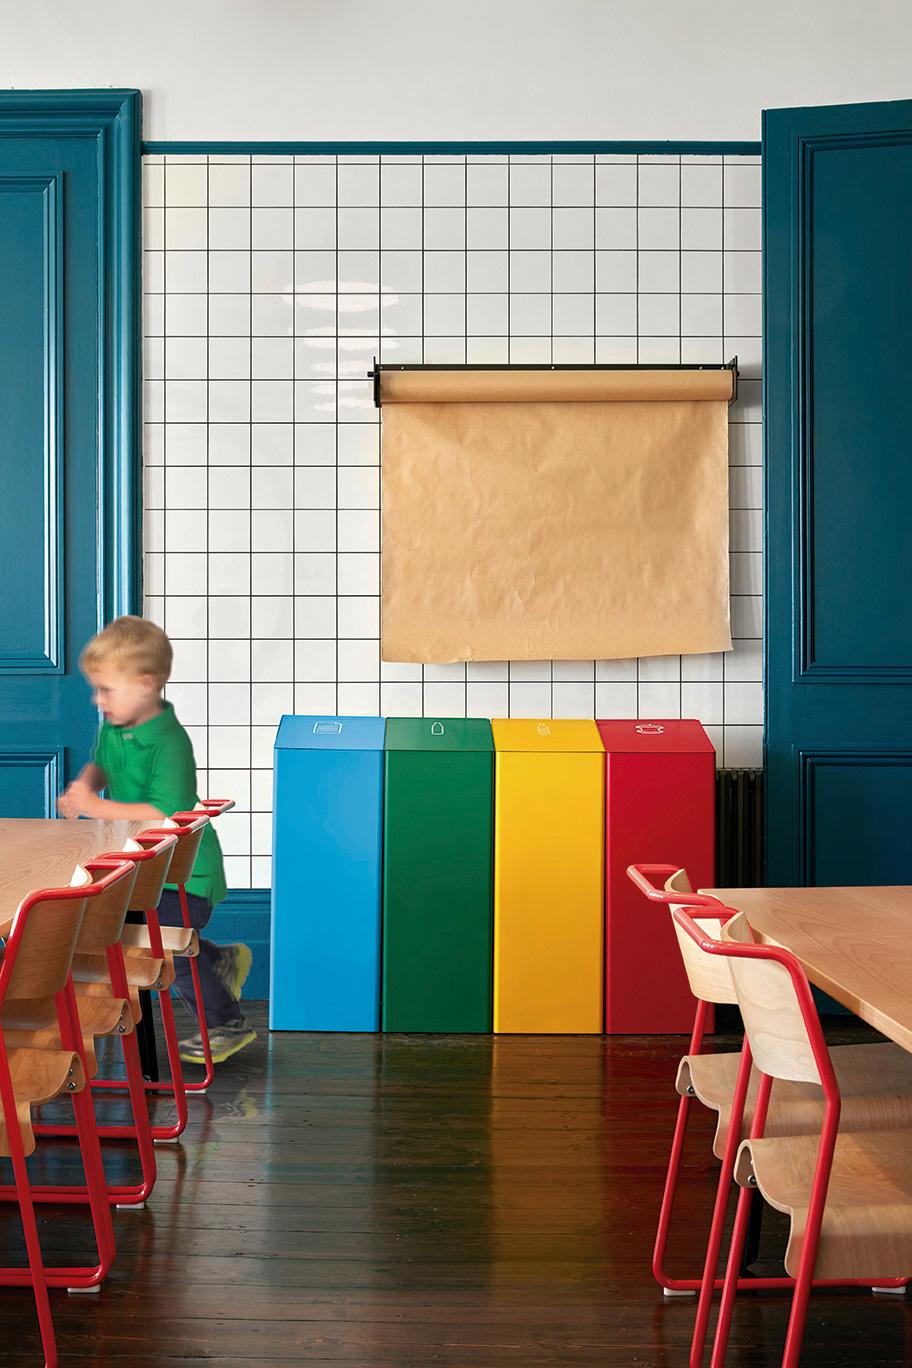 Accessoires im Büro: BERNA sortiert den Müll nach Farben